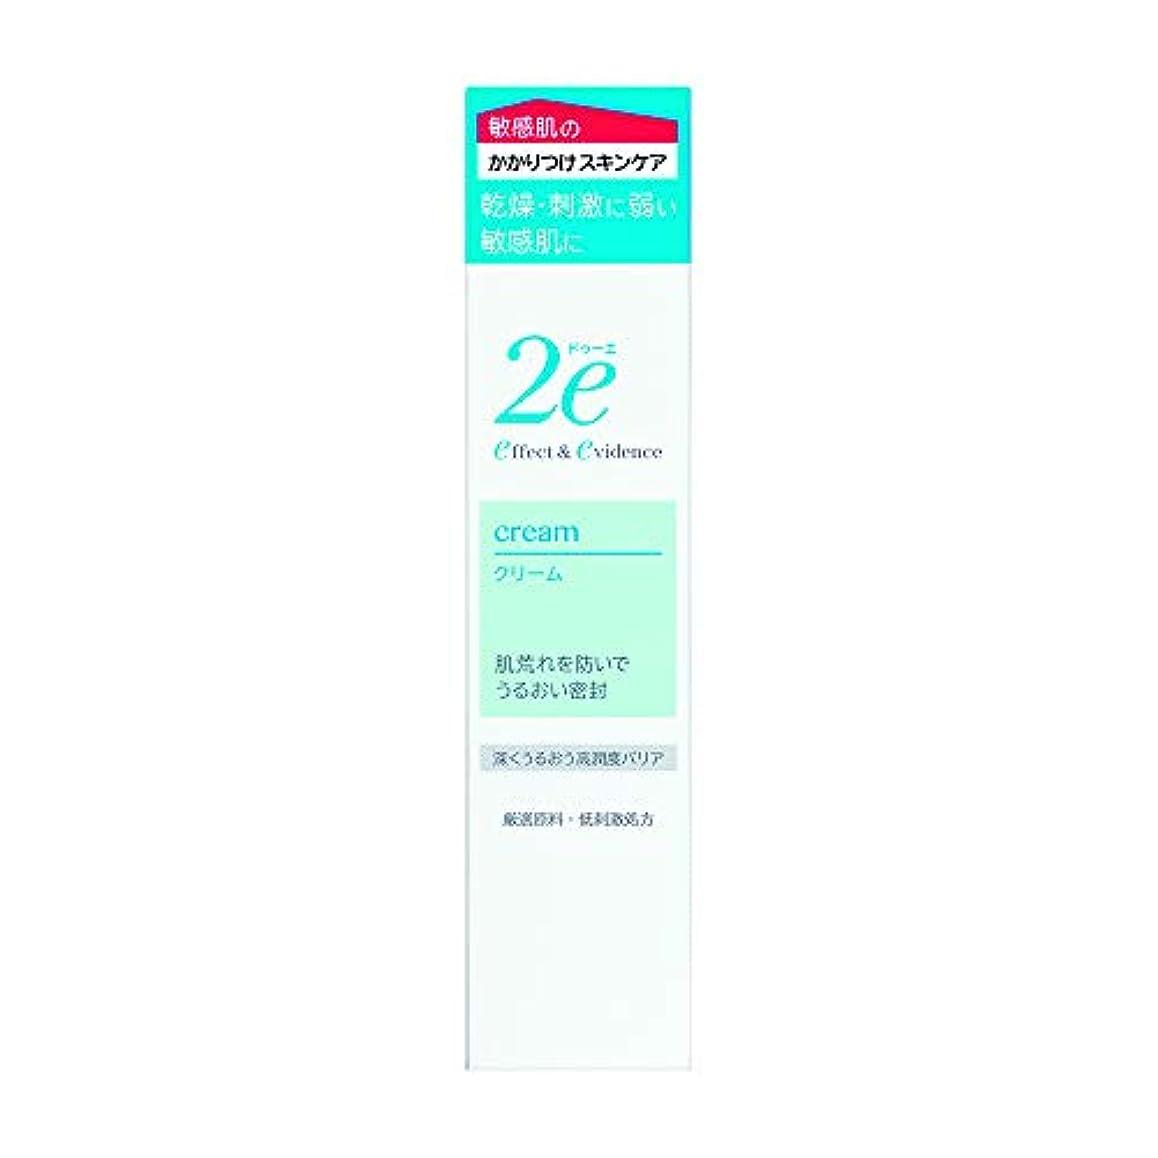 クリスマス囚人あごひげ2e(ドゥーエ) クリーム 敏感肌用クリーム 低刺激処方 深くうるおう高潤度バリア 30g